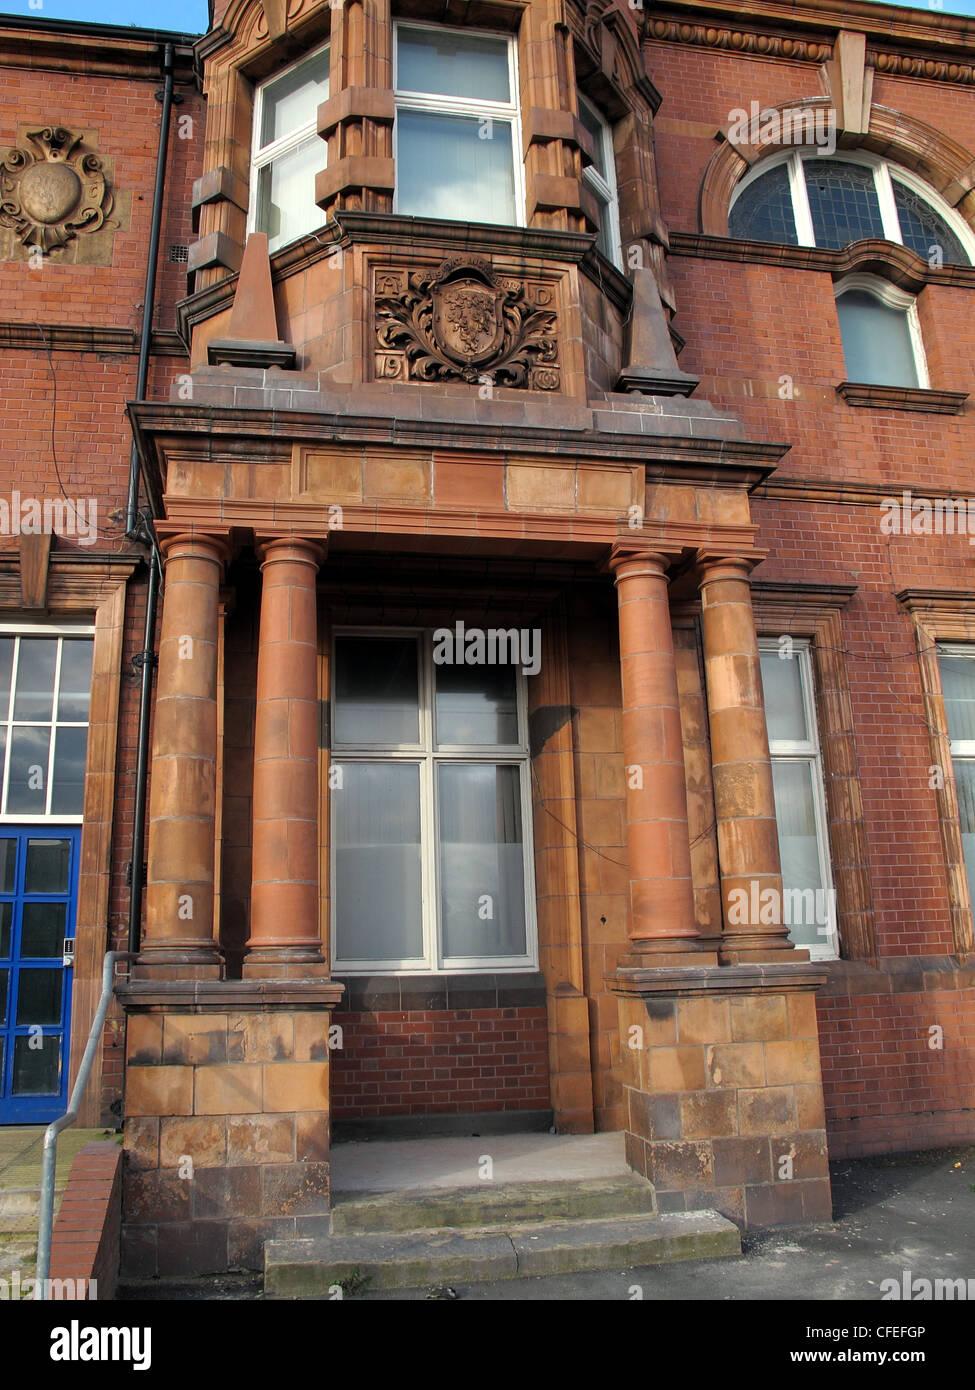 Laden Sie dieses Alamy Stockfoto Warrington Polizei-Hauptquartier in roten Mauerwerk, Cheshire Constabulary Force - CFEFGP